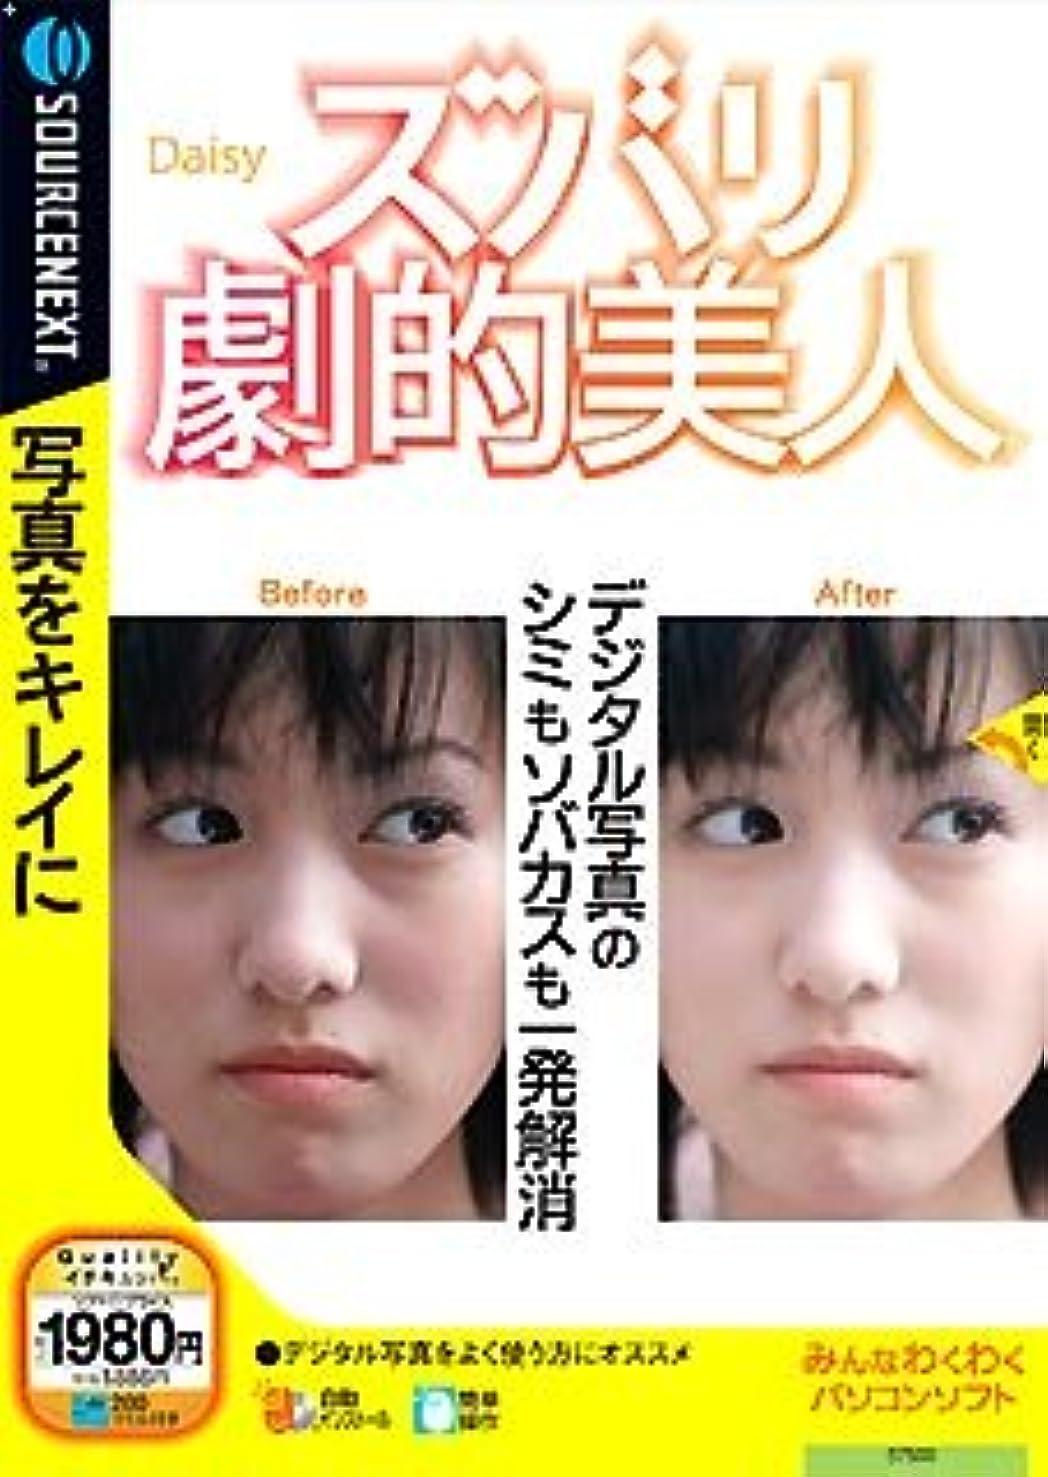 修羅場ミシン思想ズバリ劇的美人 (説明扉付きスリムパッケージ版)